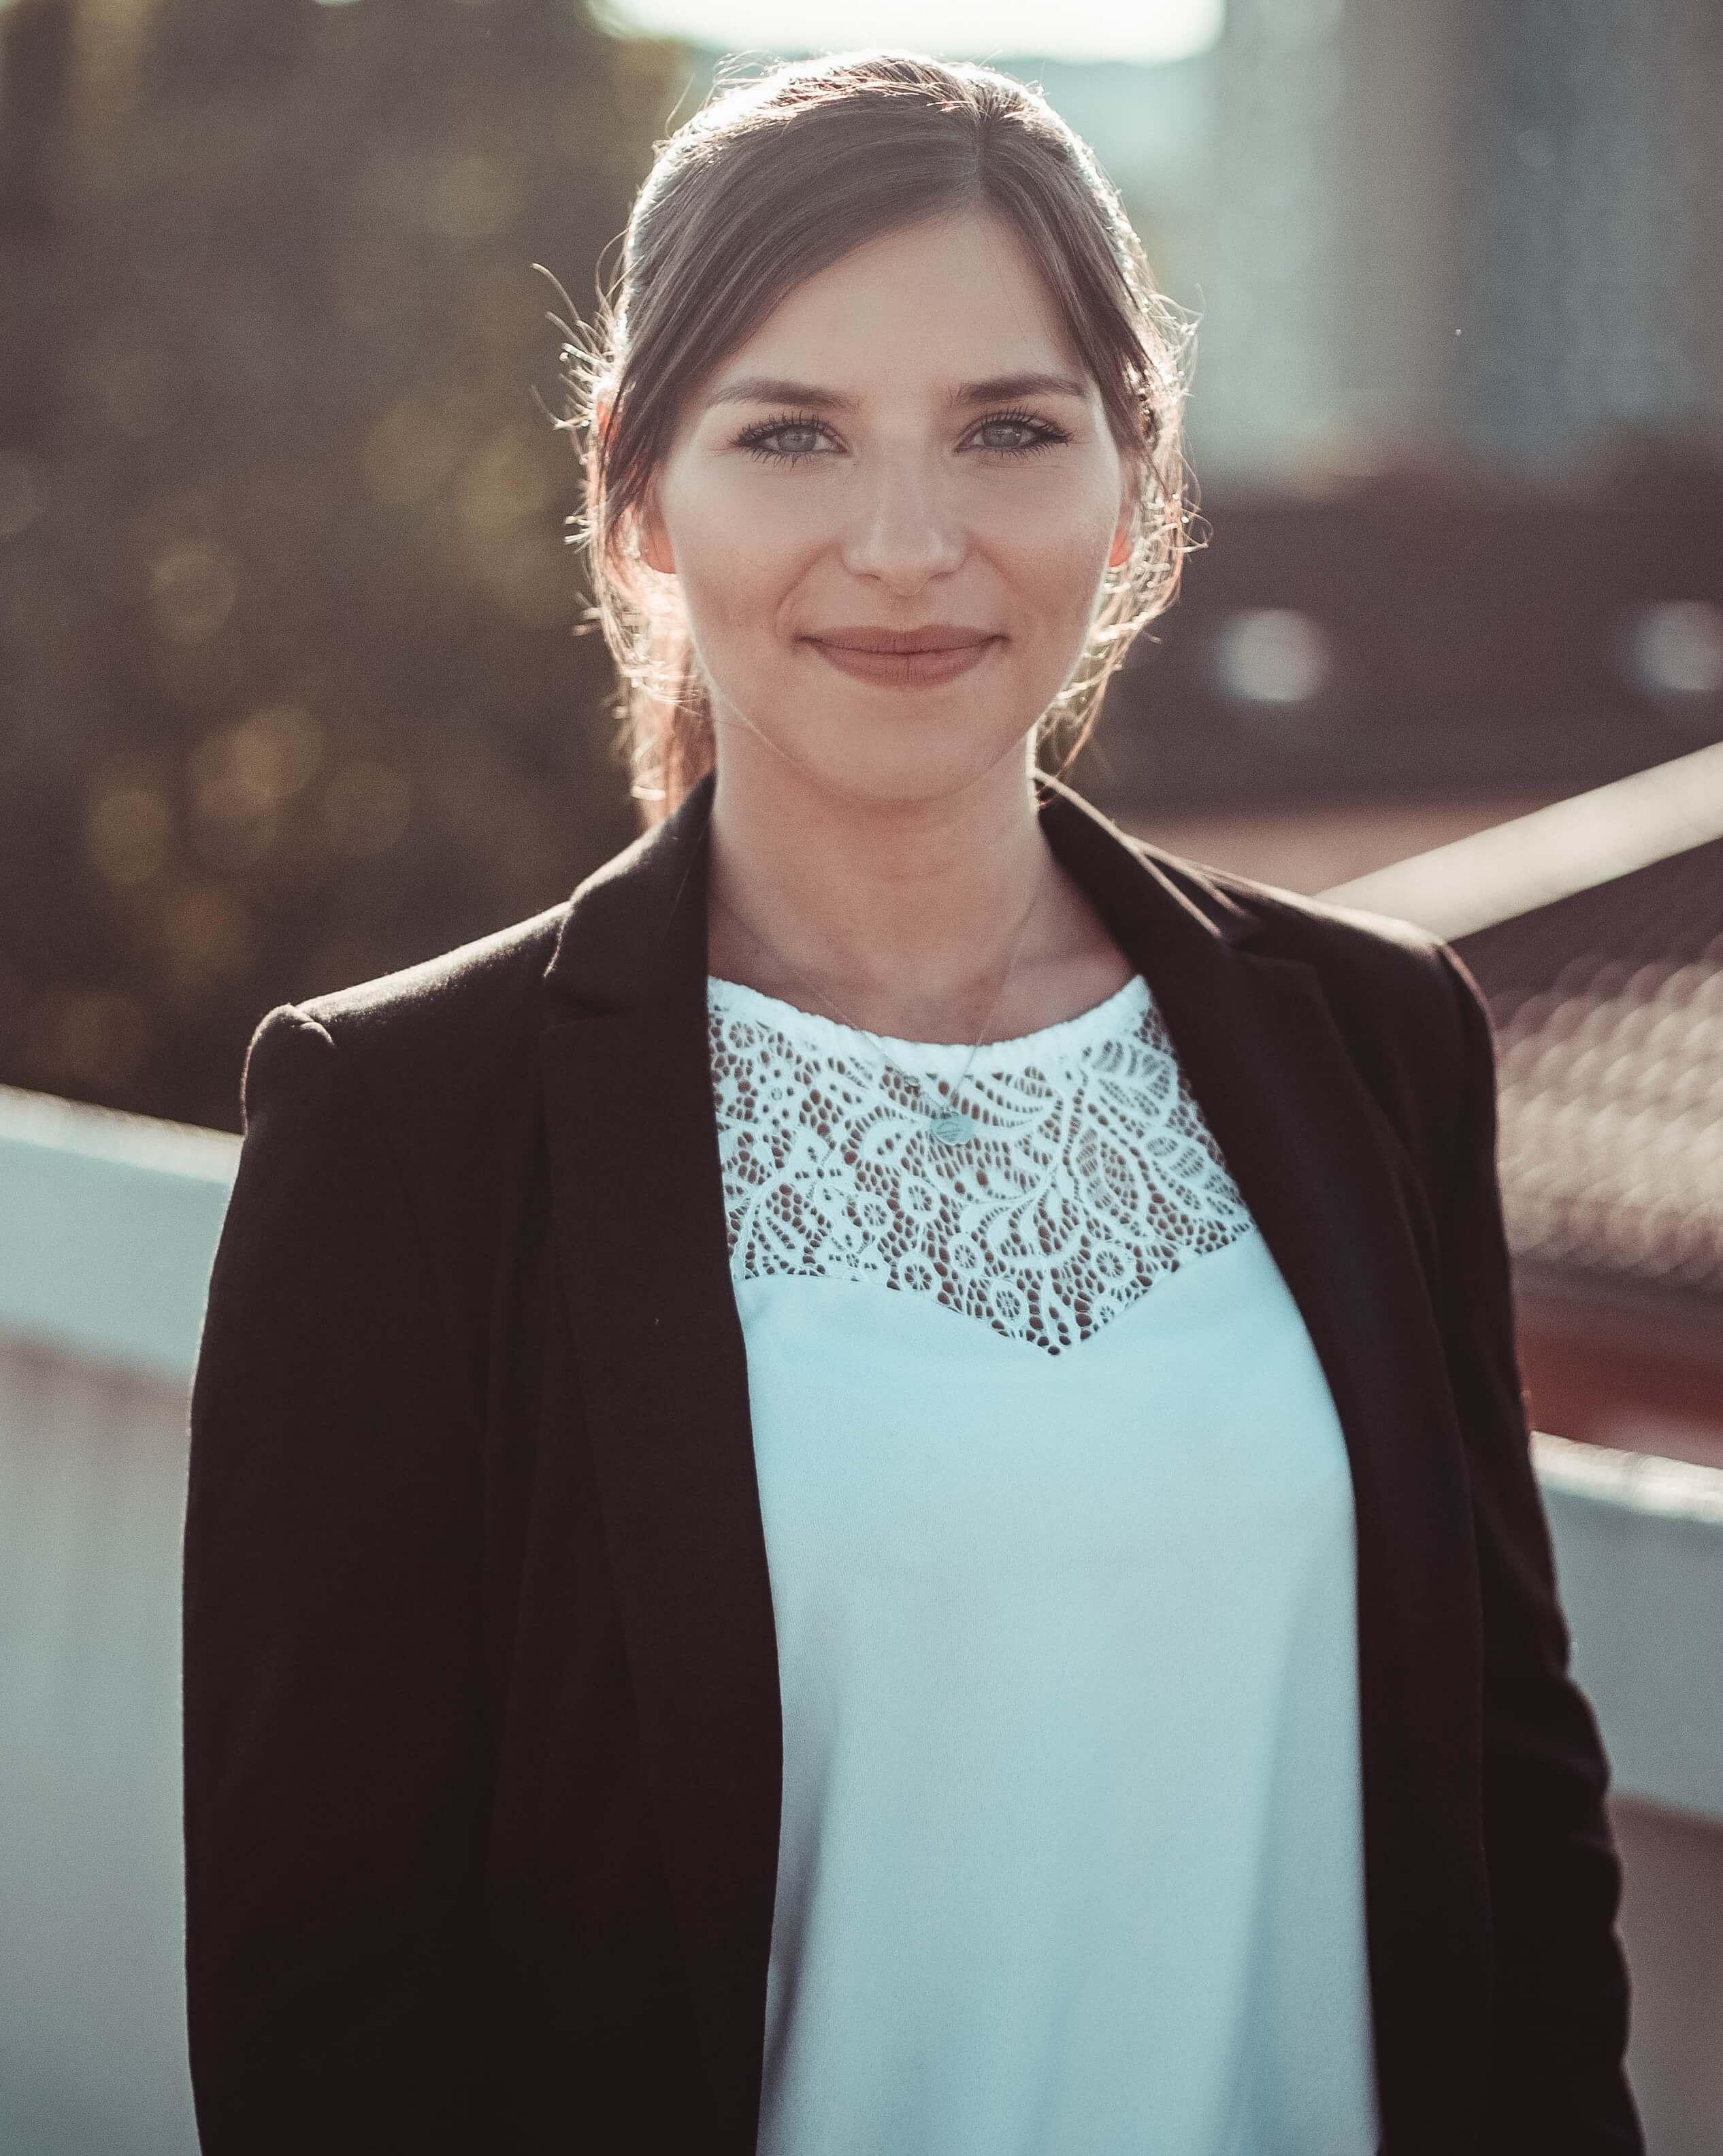 Jessica Schenk